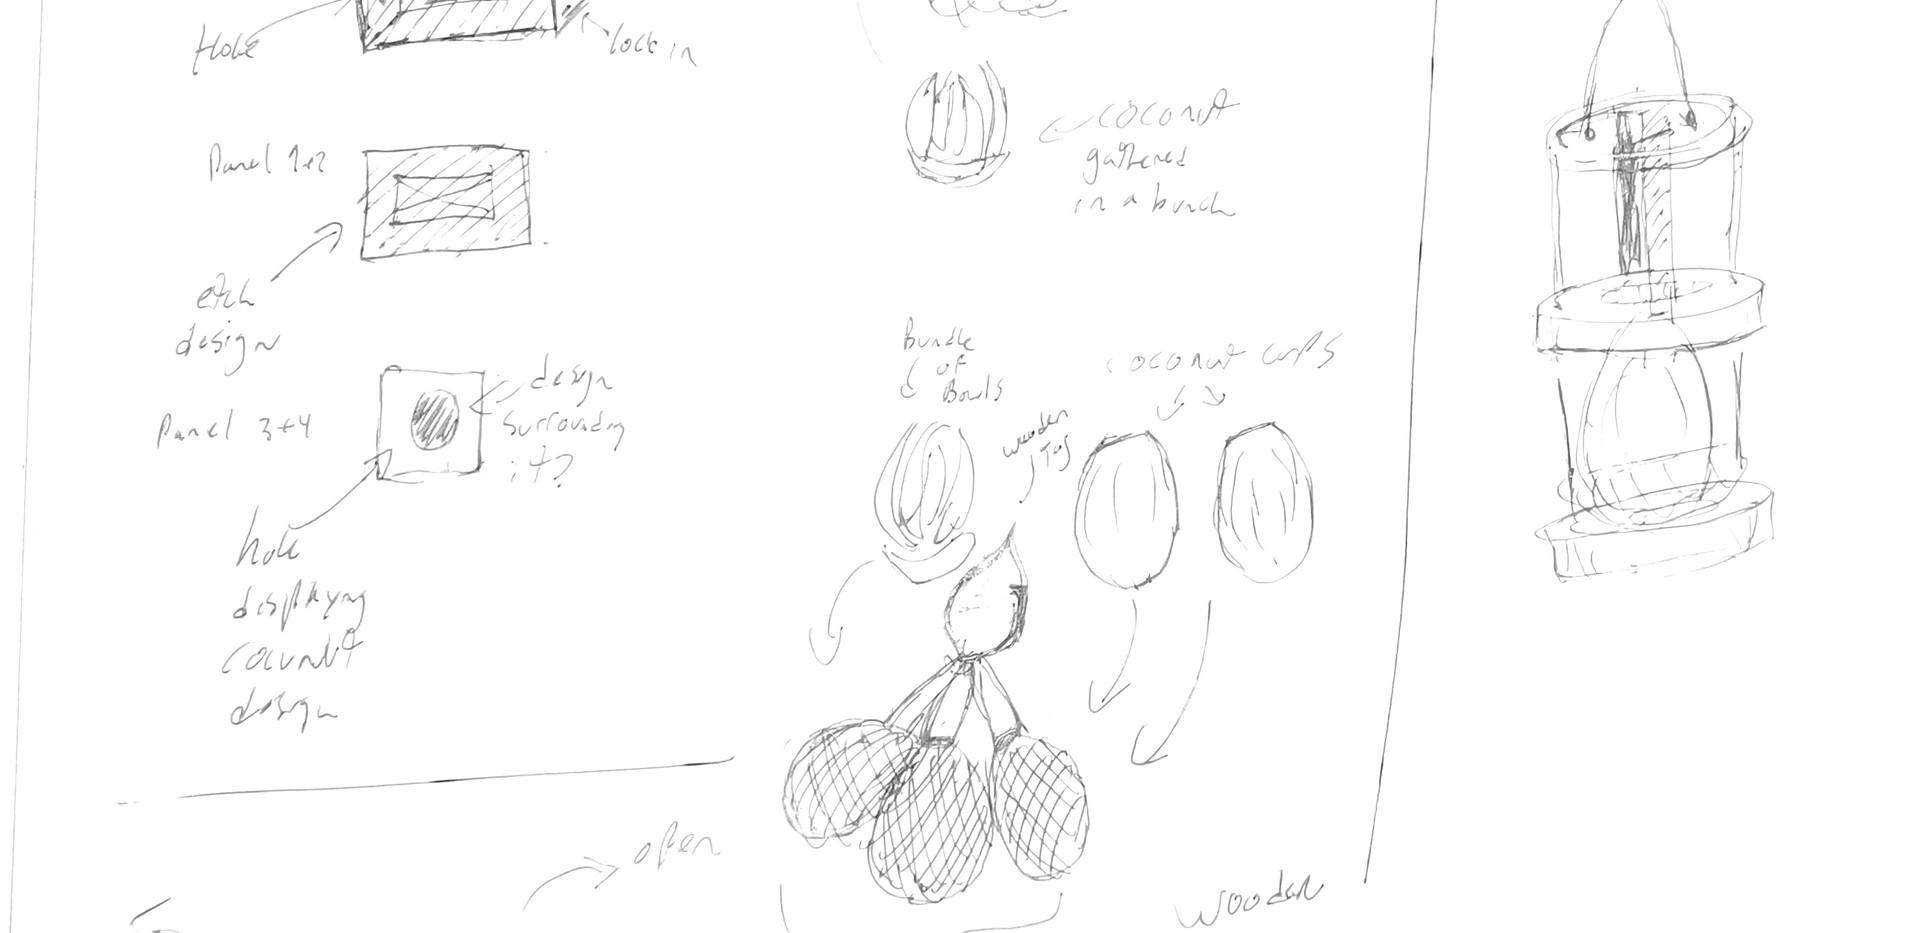 ECOCO Prototype Sketches